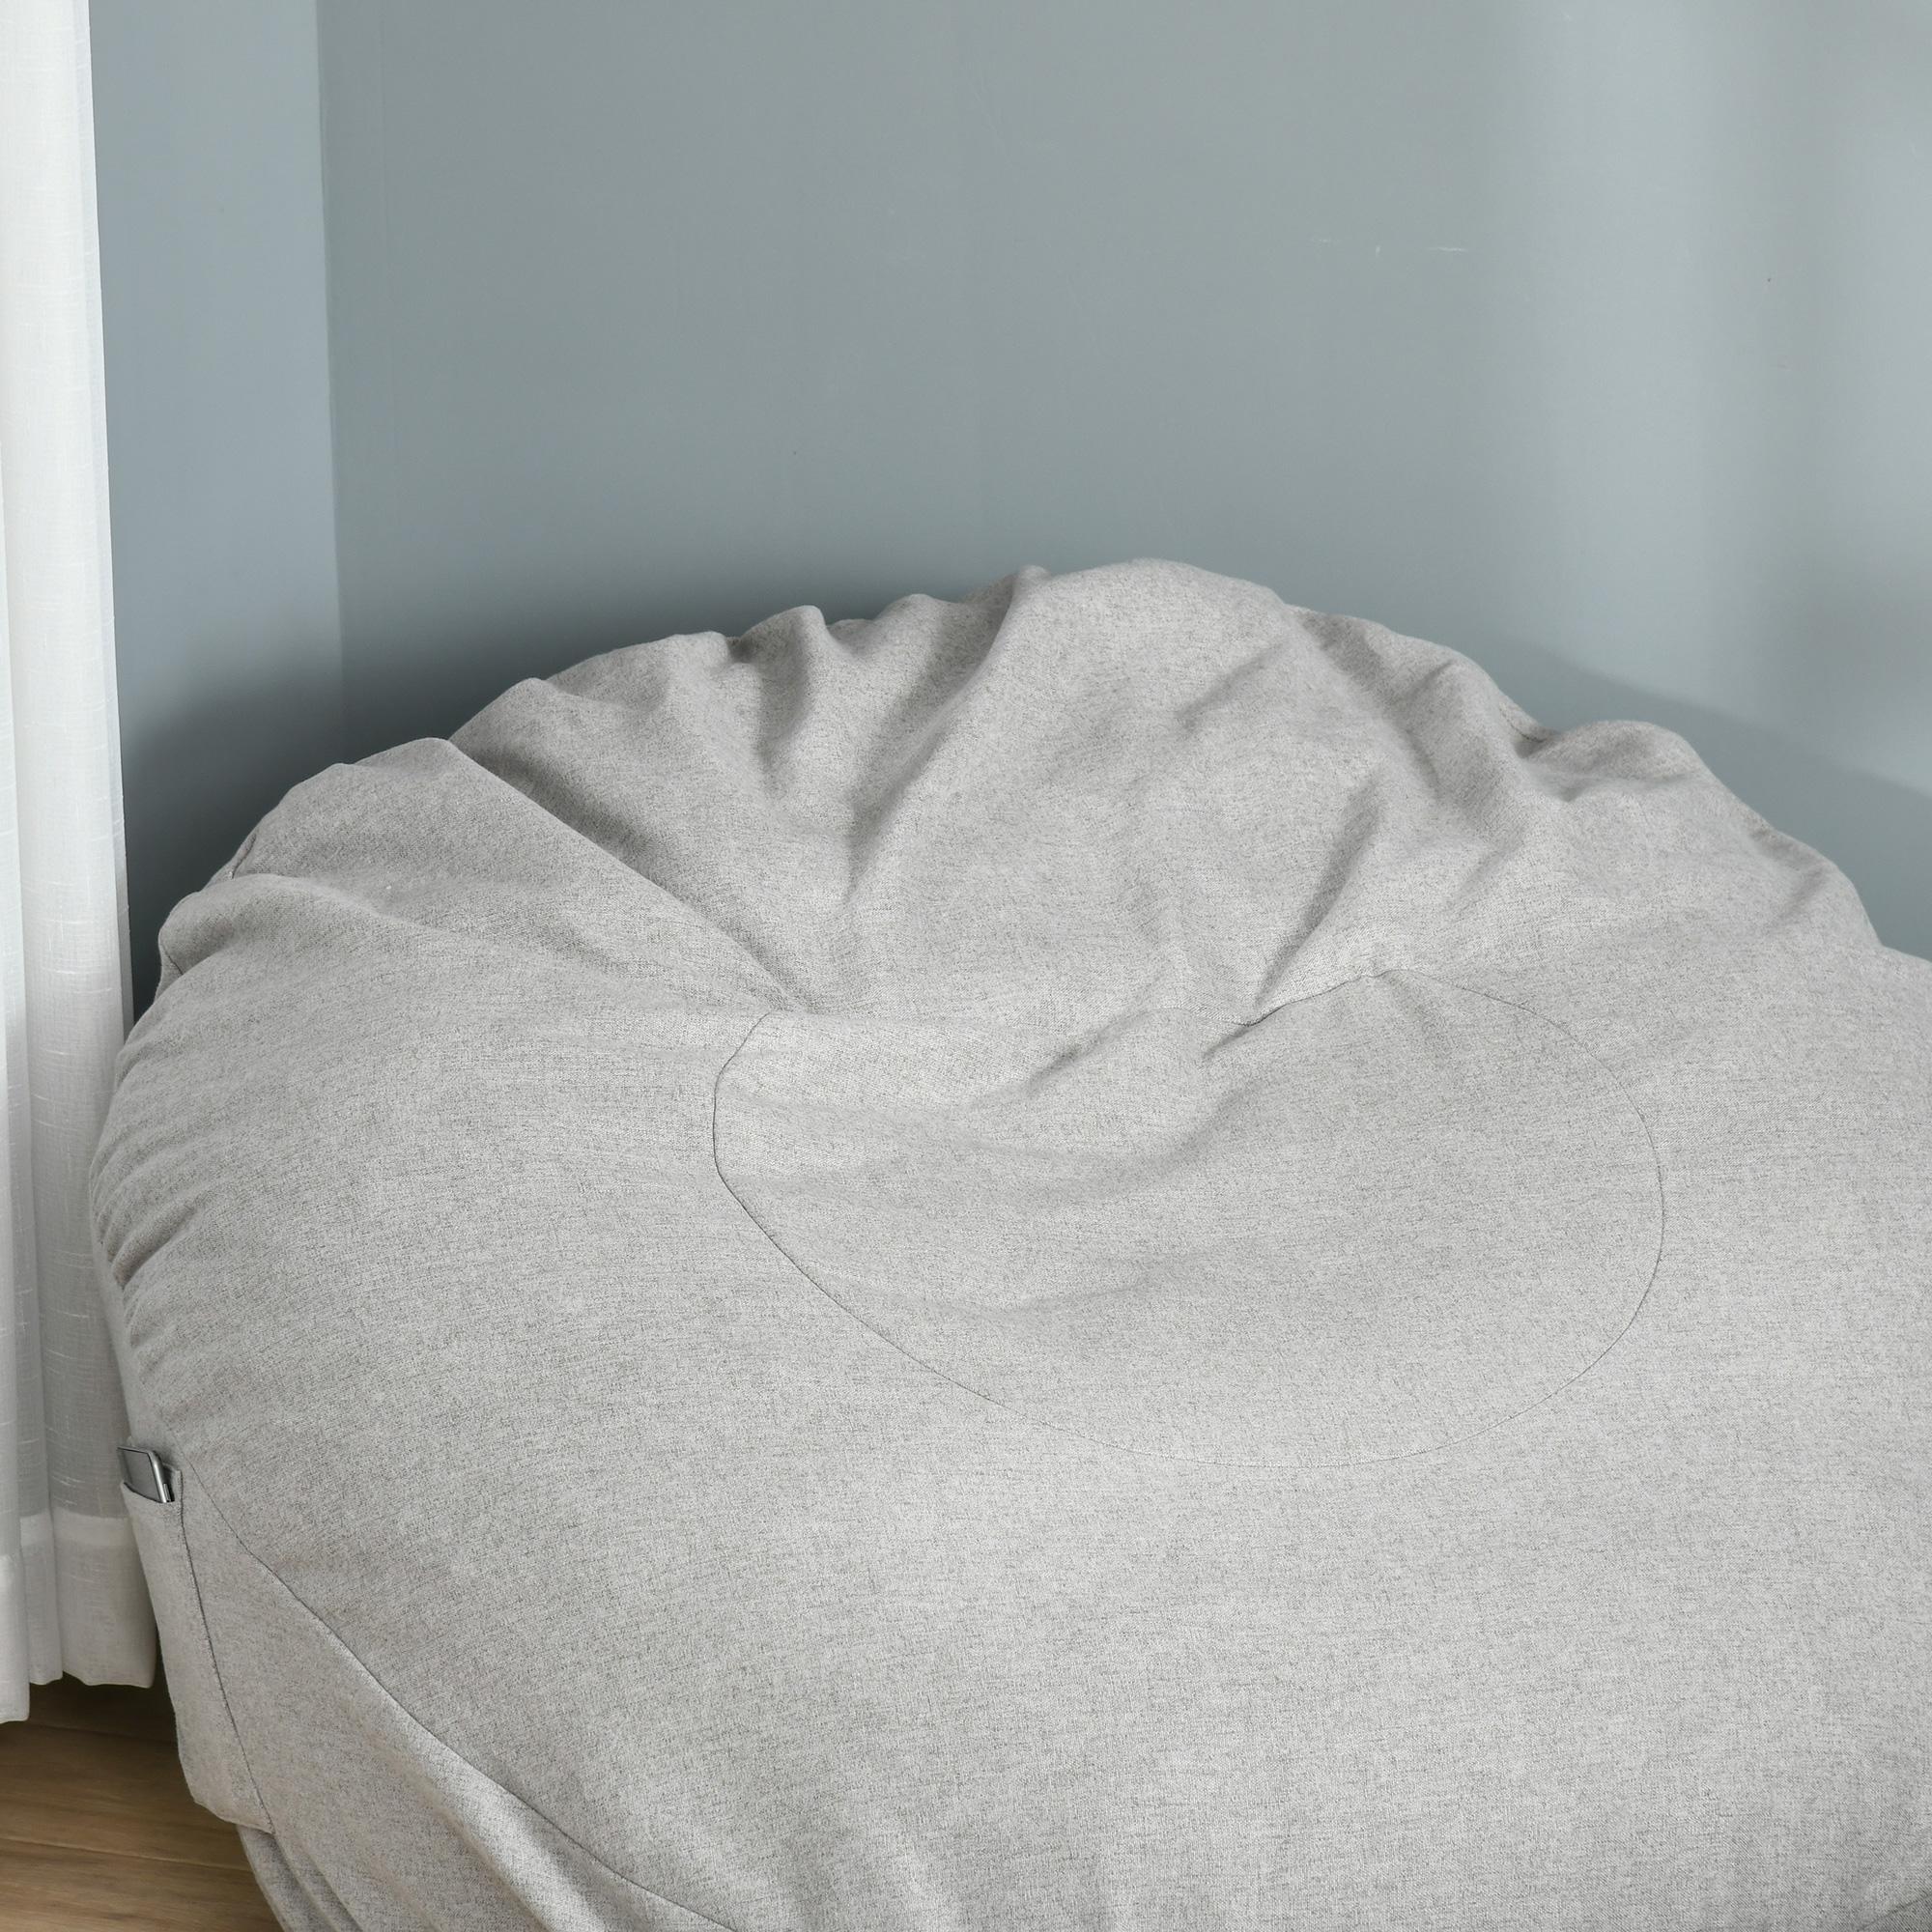 Indexbild 18 - Sitzsack Sitzkissen gepolstert Polyester Schaumstoff 3 Farben